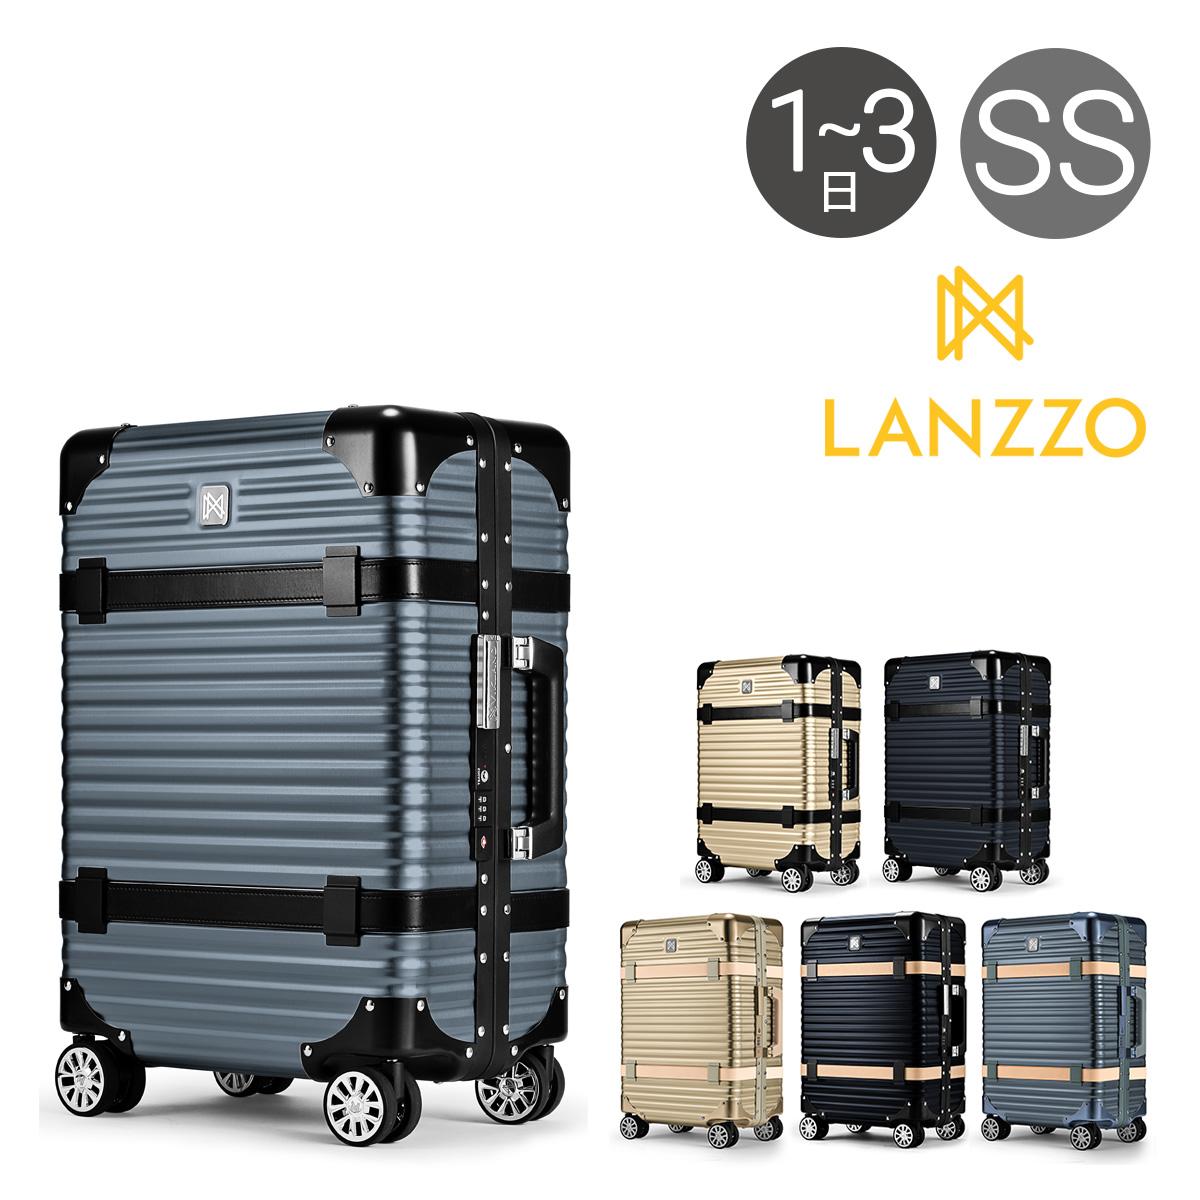 ランツォ スーツケース バイキング 21インチ 38L 51cm 5.3kg アルミニウム合金 5年保証 アルミ ハード フレーム TSAロック搭載 LANZZO [bef][PO10]